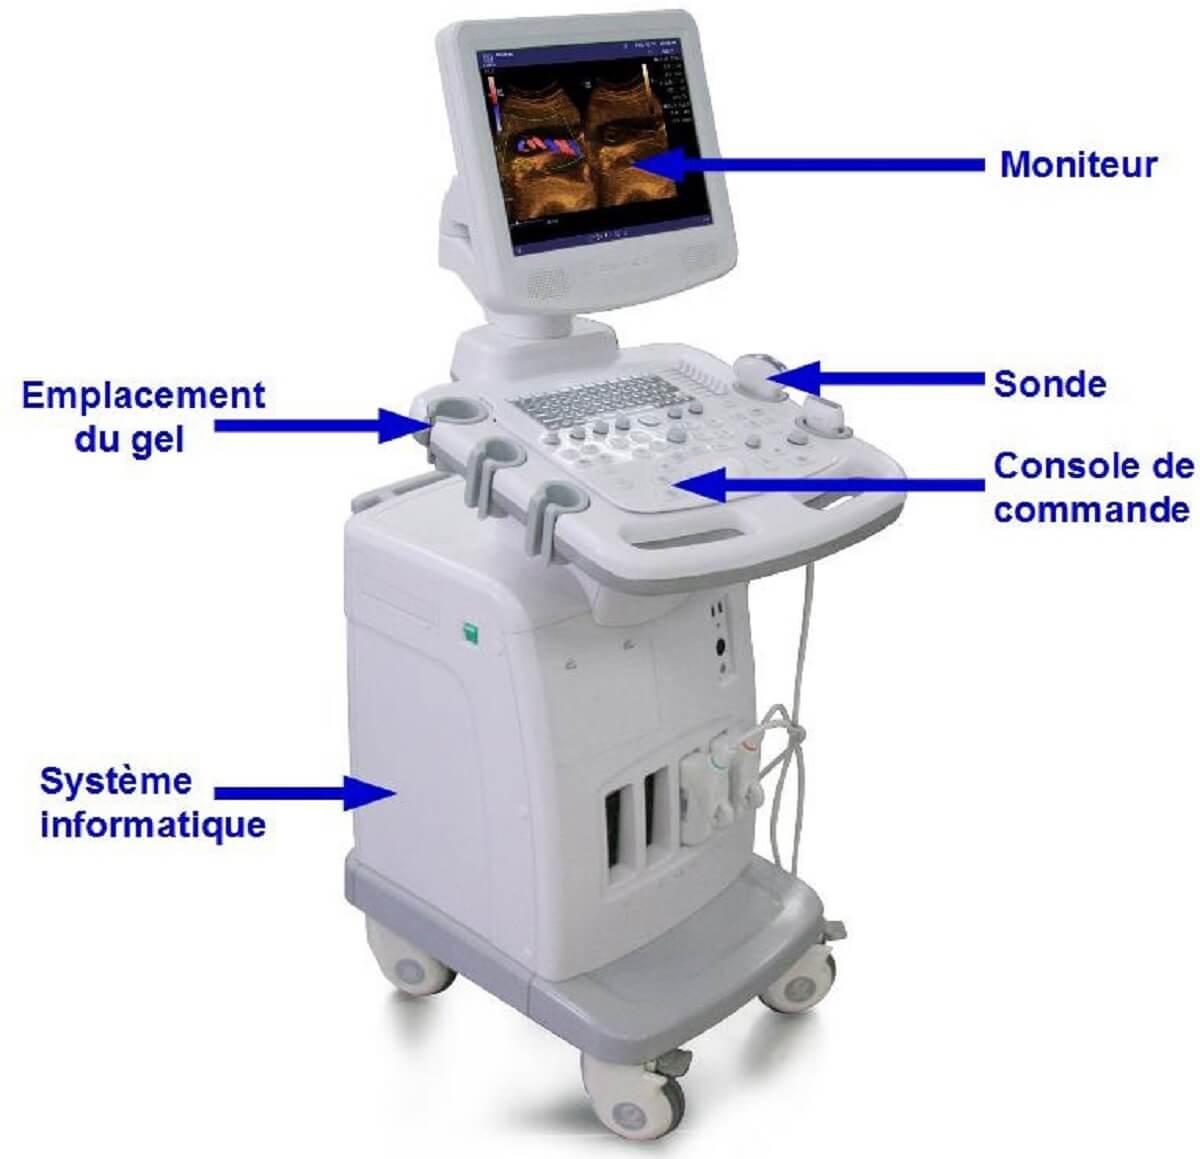 Voici plus en détail les différents éléments composant l'échographe